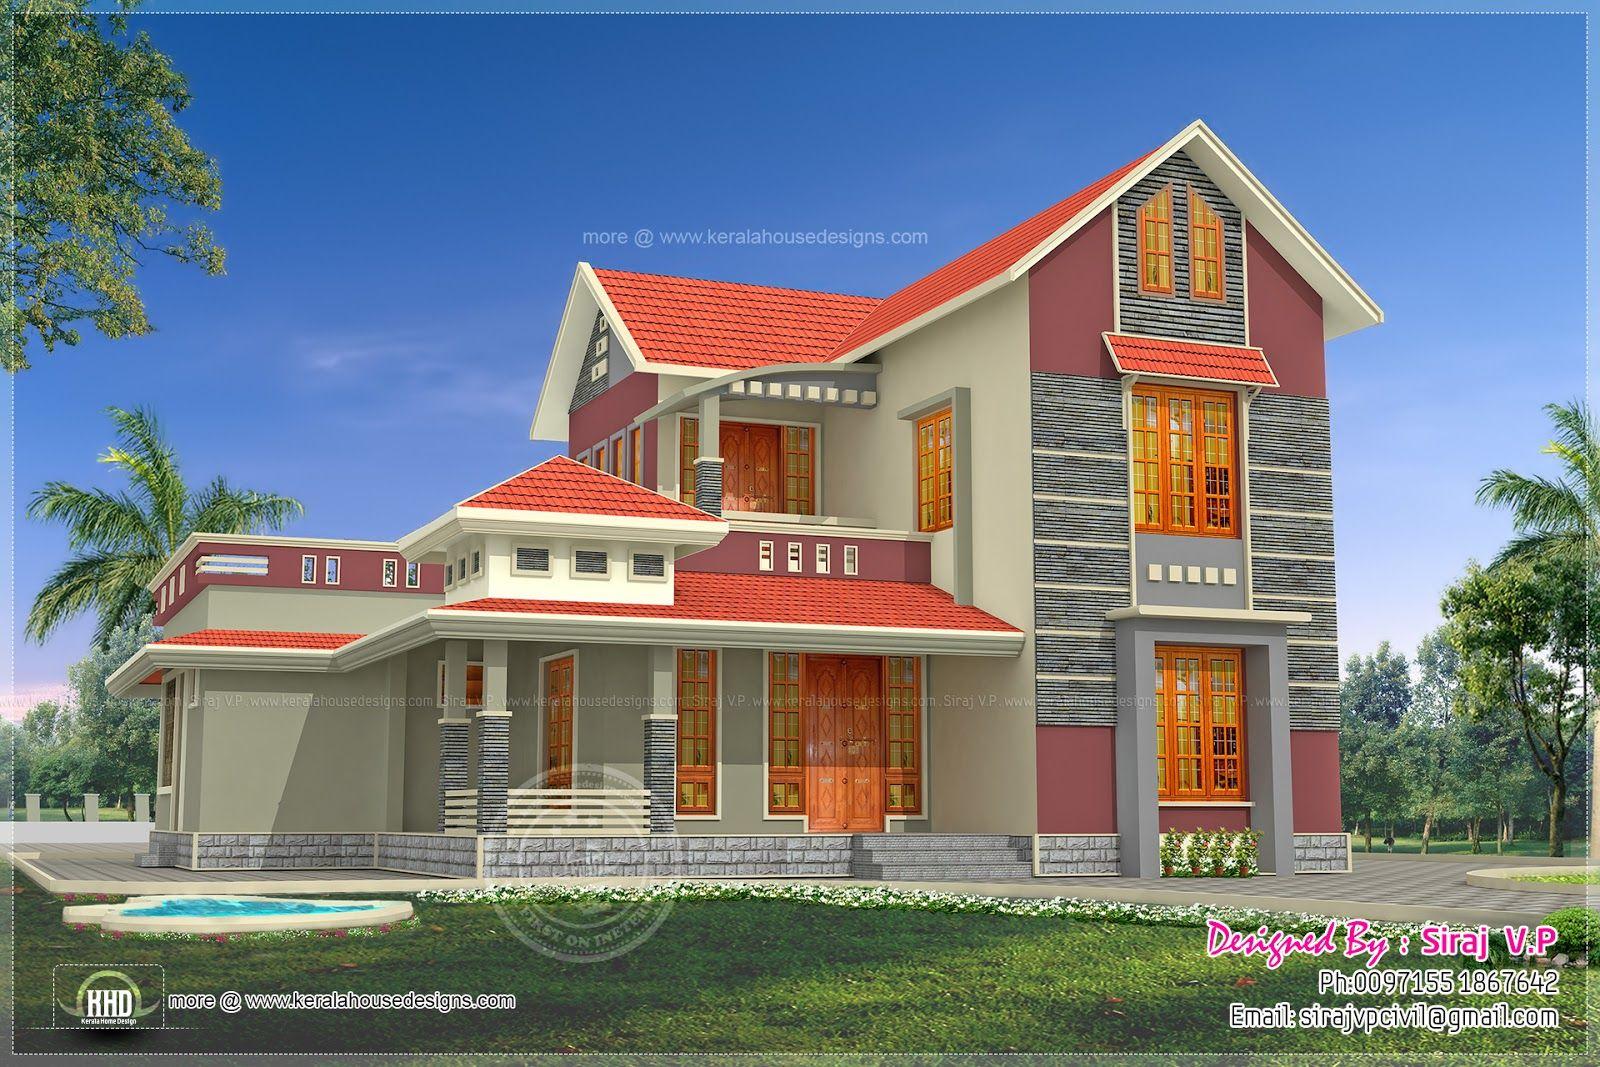 Beautiful 4 bedroom villa elevation in 2000 sqft Indian